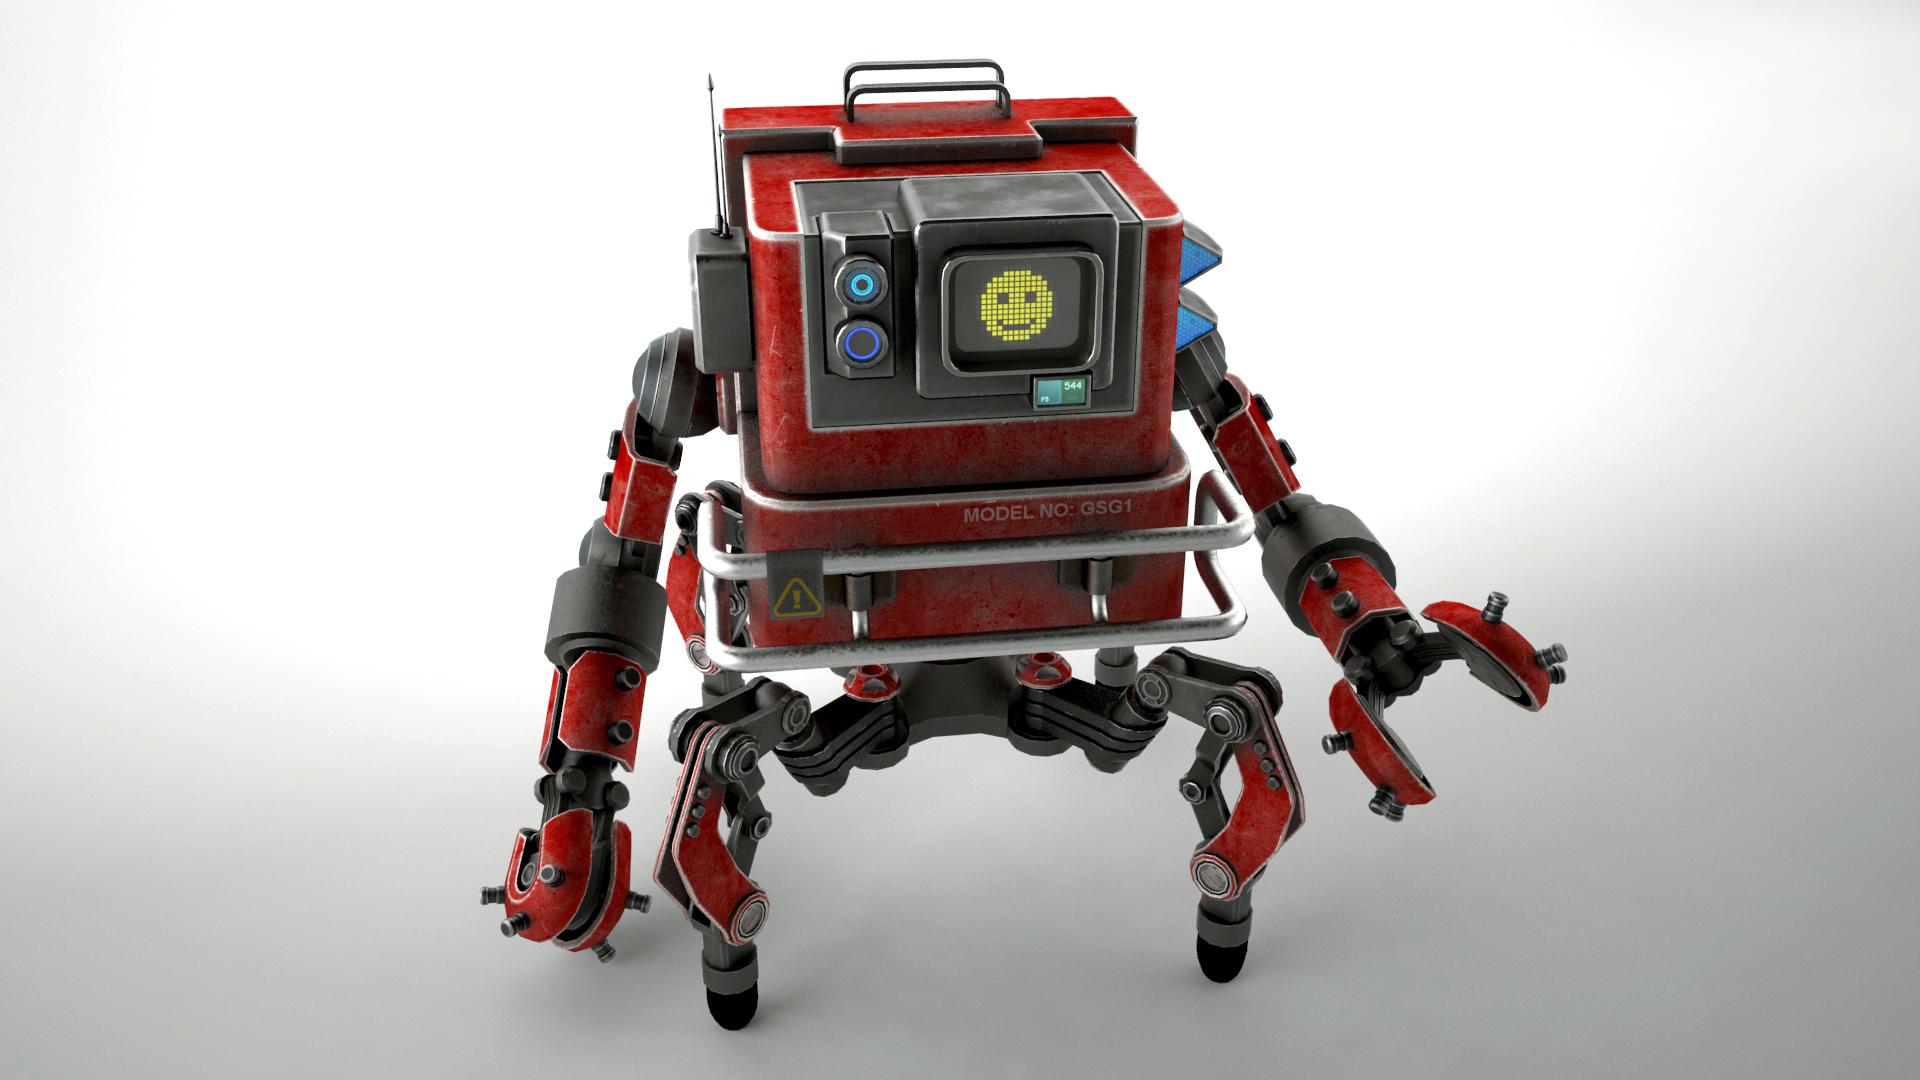 Robot GSG1 3d model 3ds max fbx obj 267411